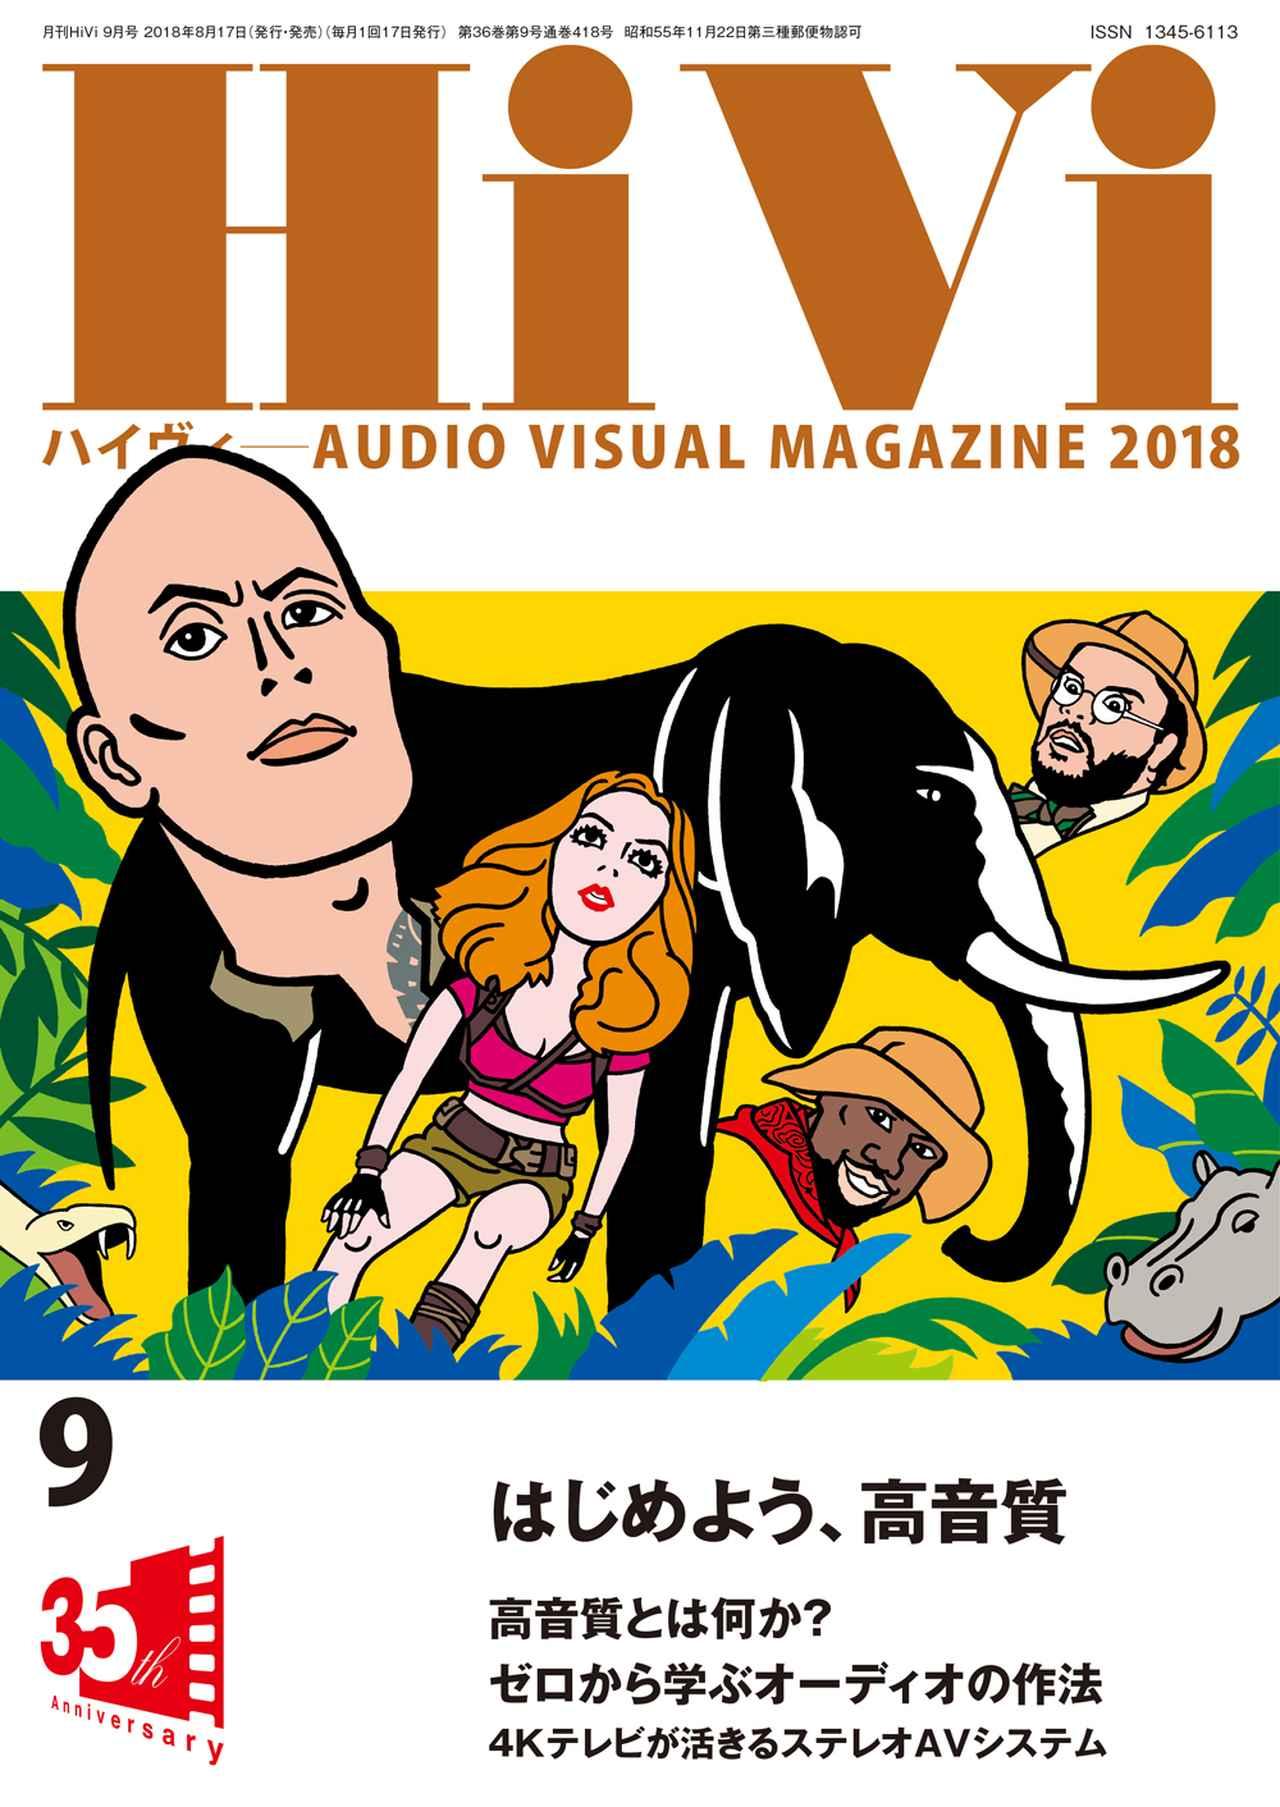 画像: www.stereosound-store.jp